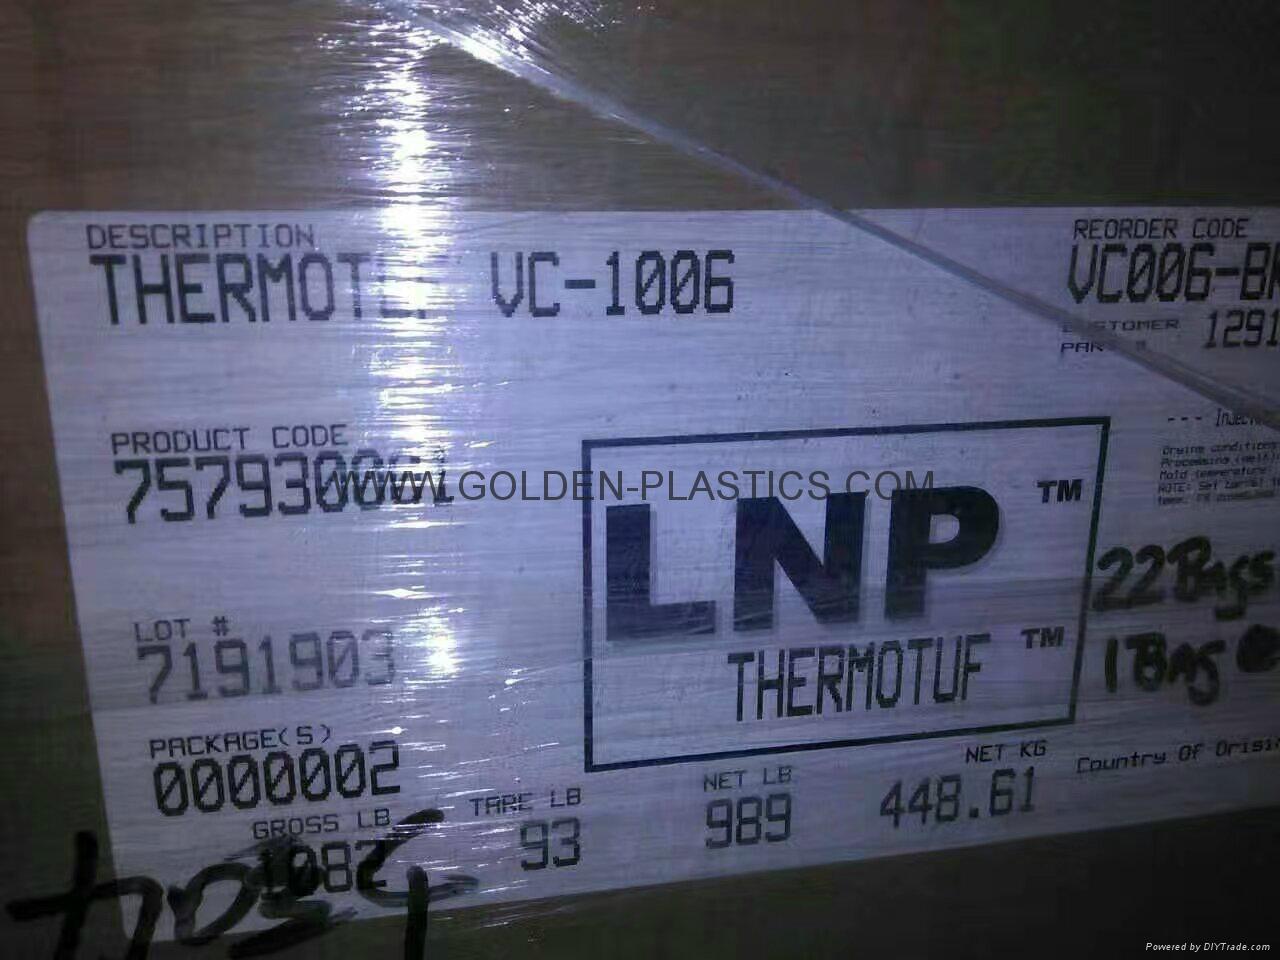 LNP Thermotuf VC006 (PA66-CF30)